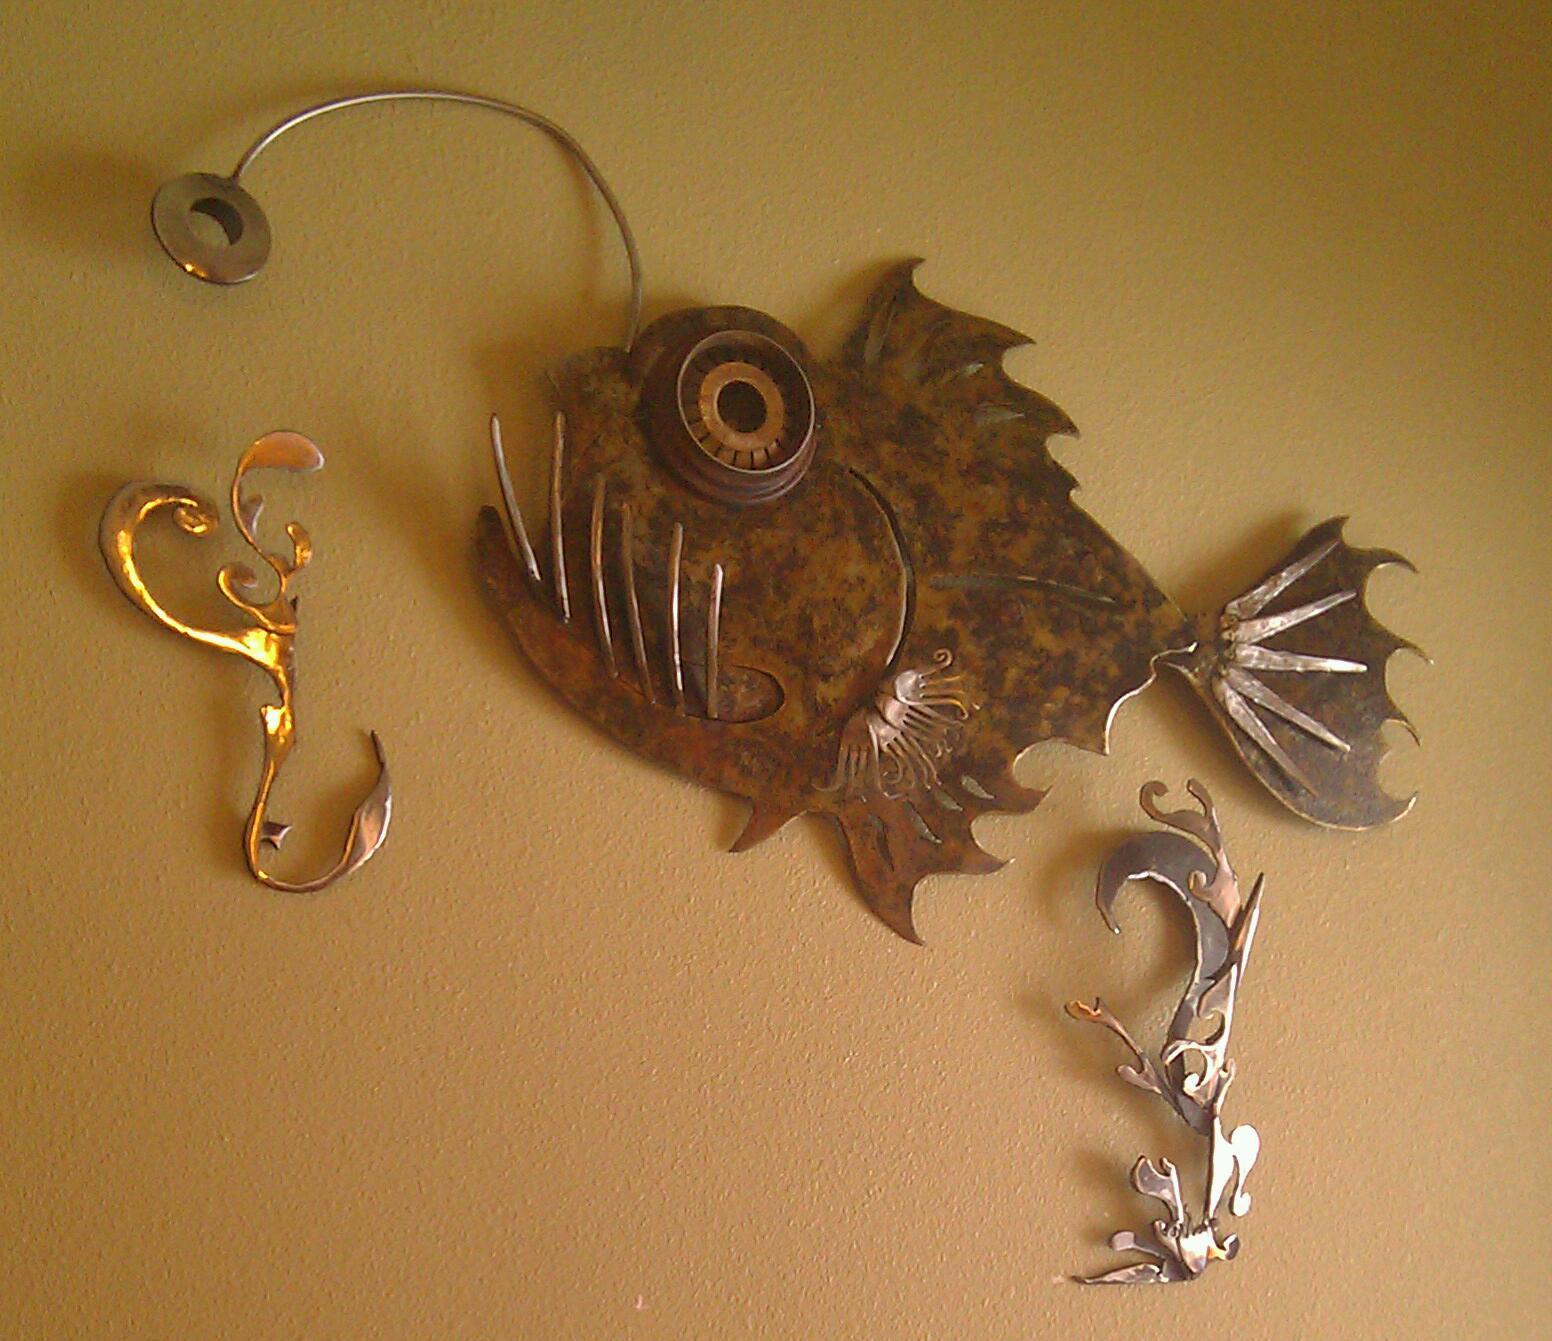 Angler Fish #1